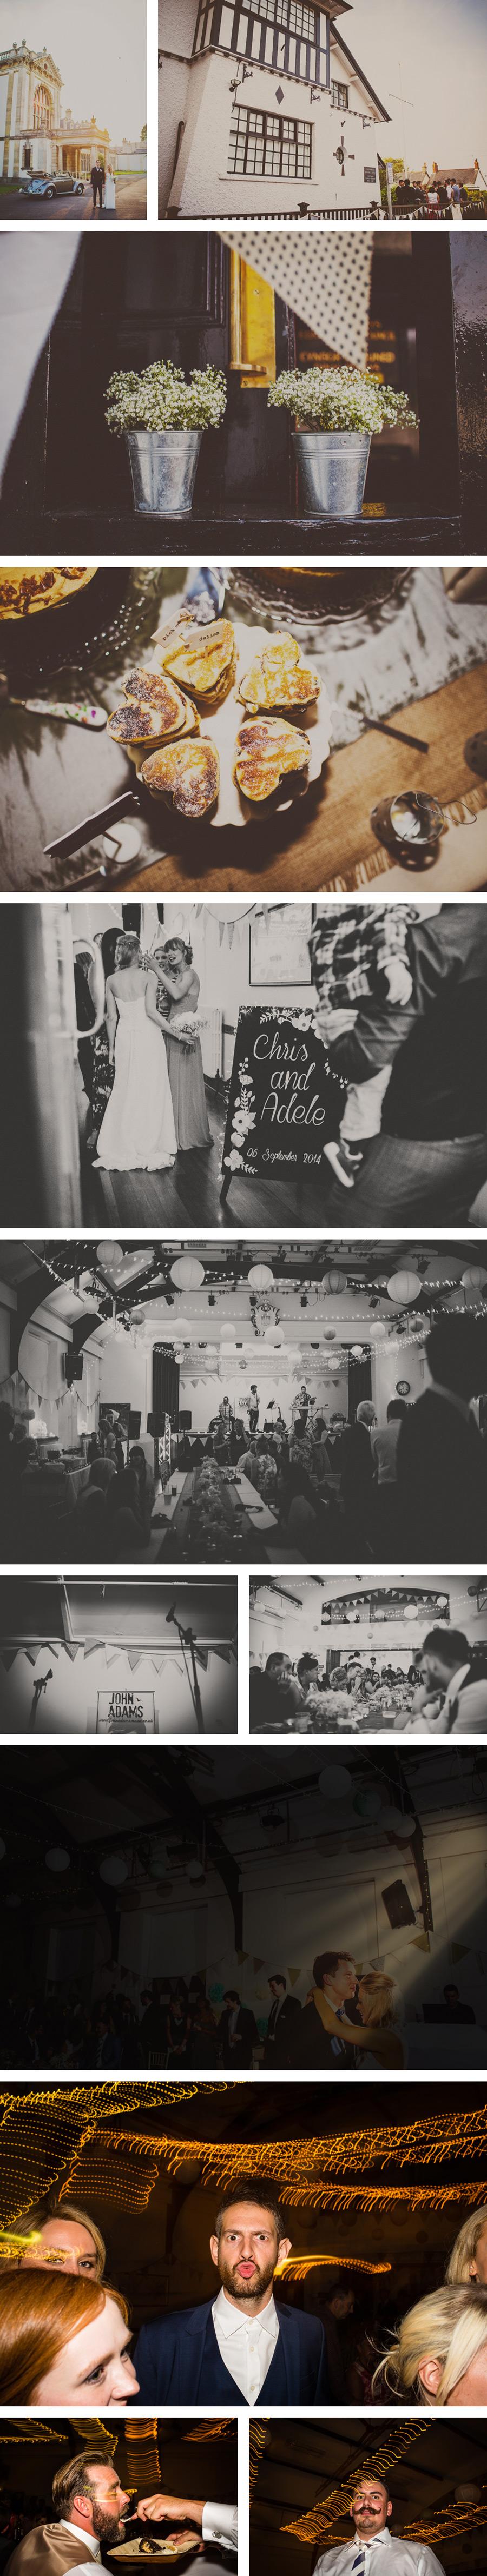 cardiff wedding venues